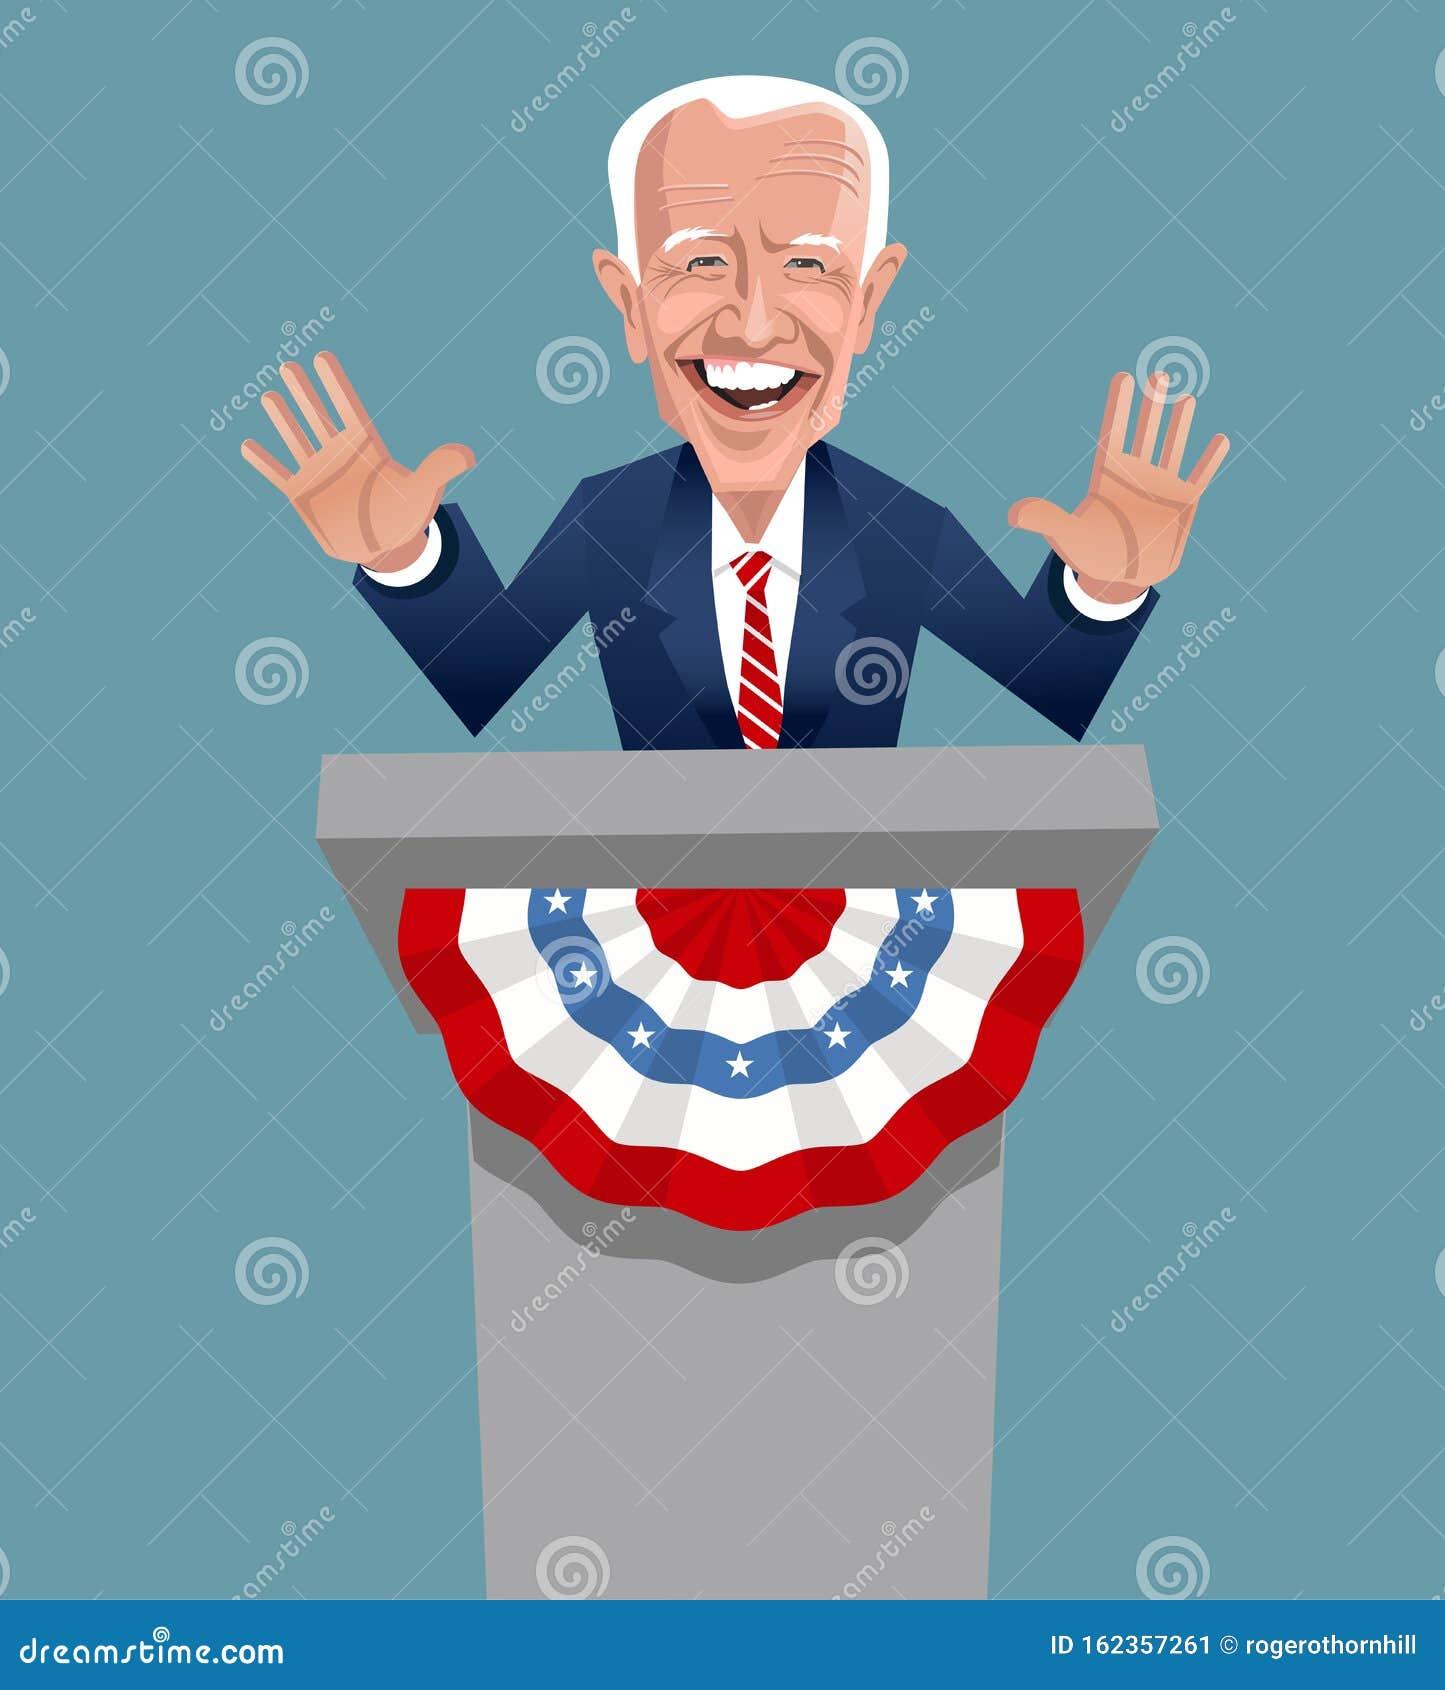 Карикатура Джо Байдена, кандидата от демократической партии на президентских выборах в США в 2020 году Редакционное Фото - иллюстрации насчитывающей джо, году: 162357261